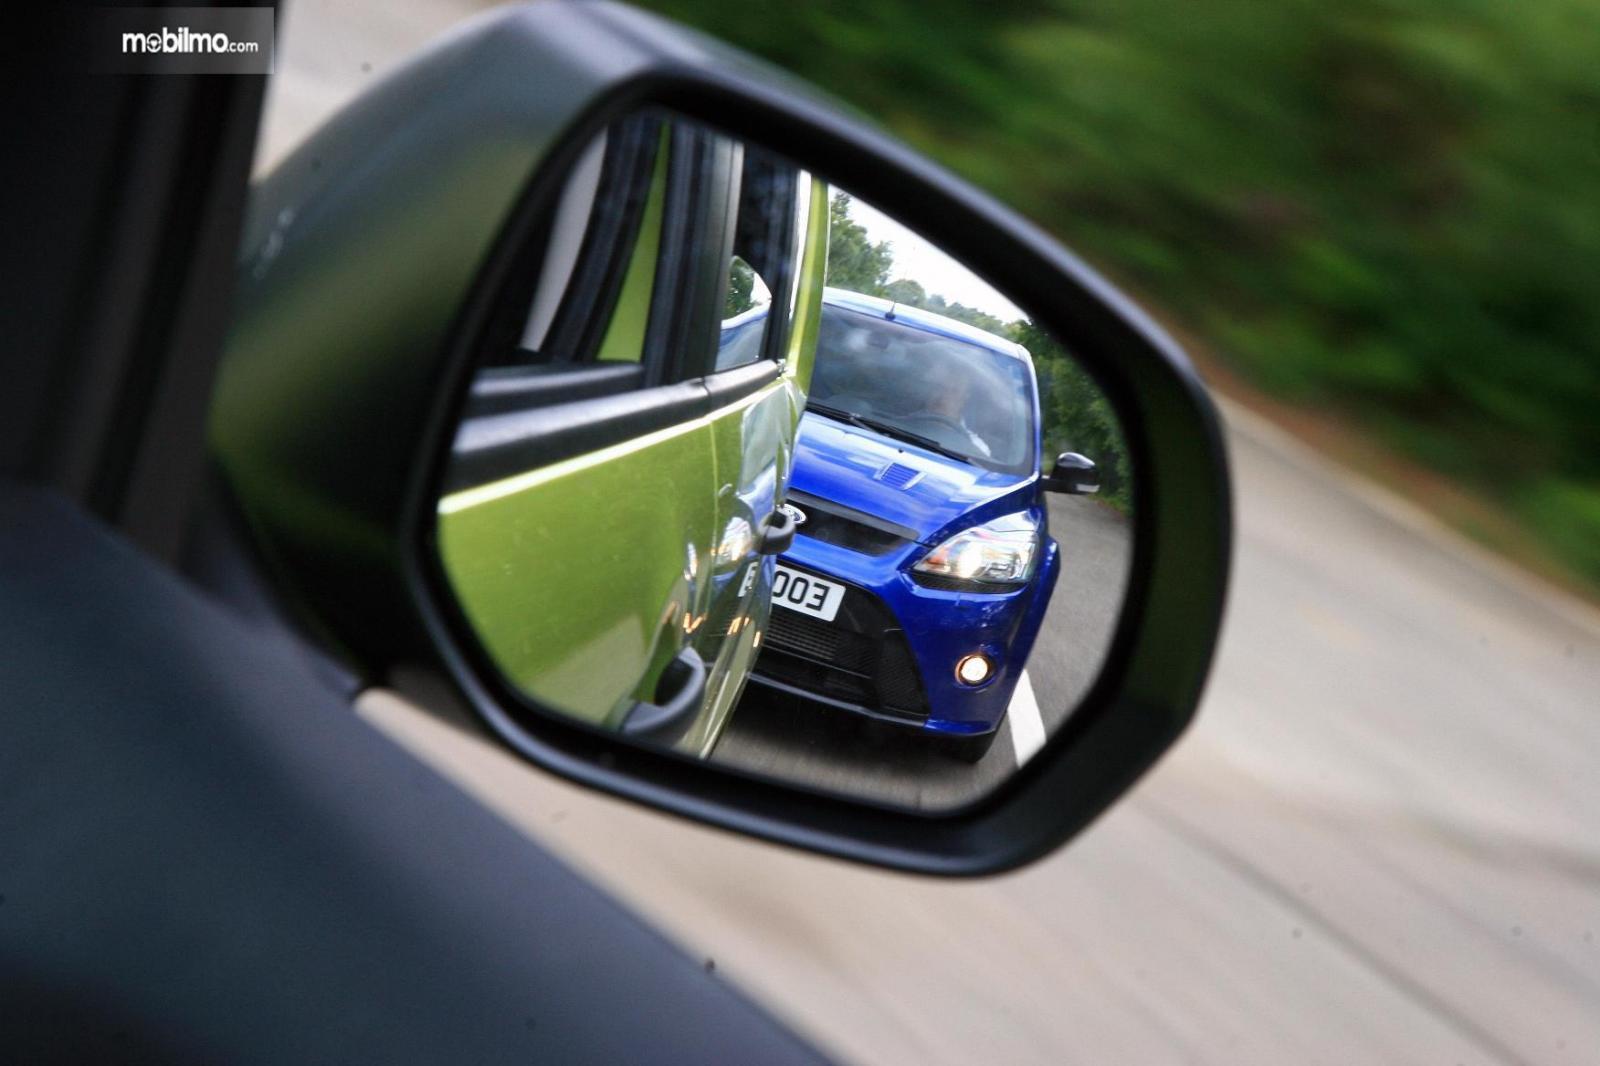 Foto mobil siap menyalip terlihat di spion